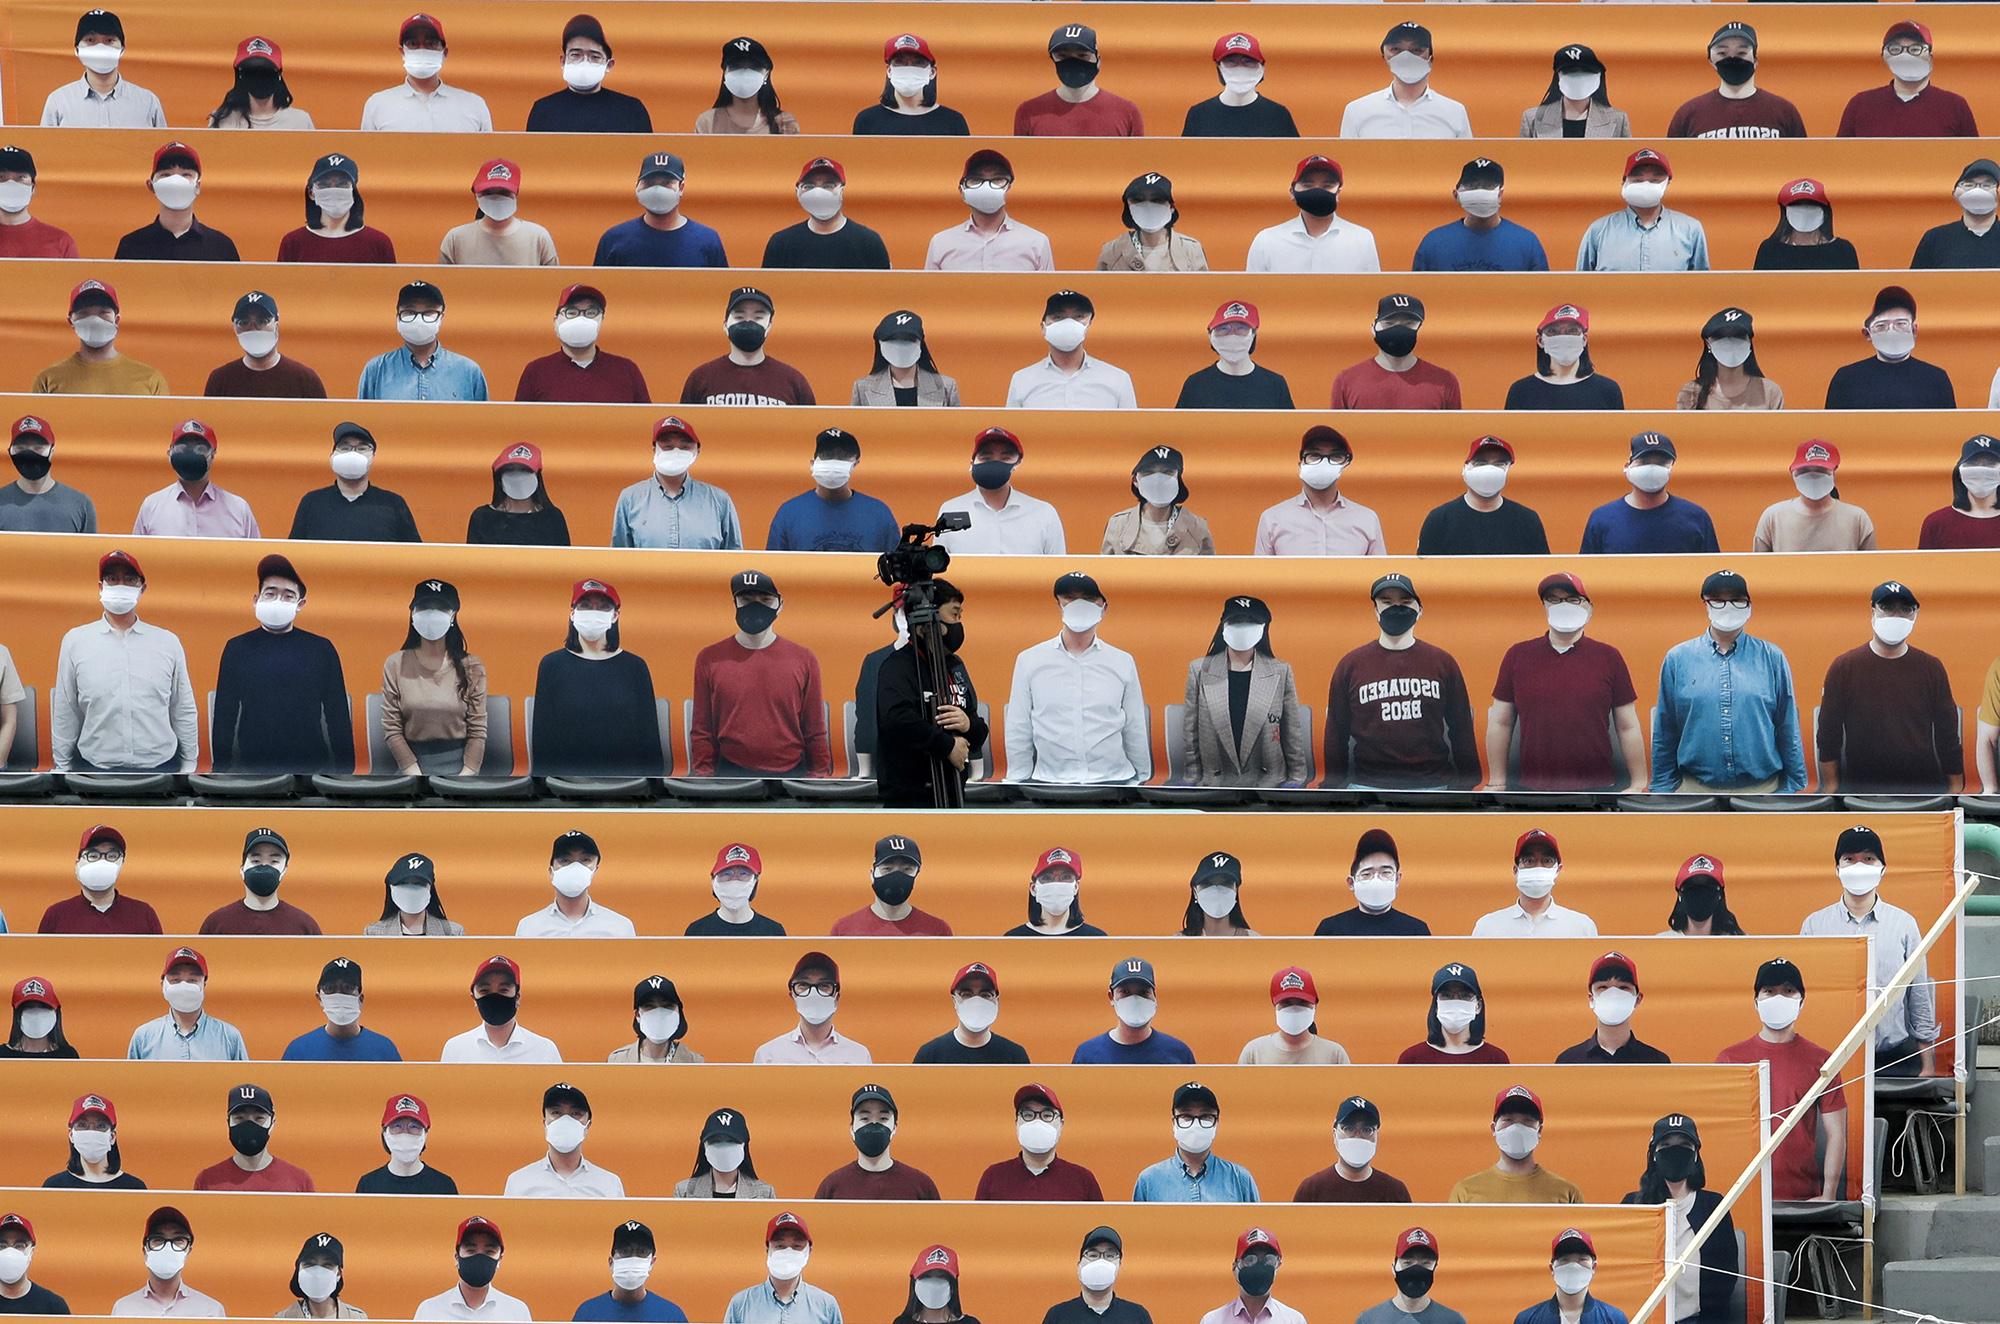 Оператор набаскетбольном матче вюжнокорейском Инчхоне 5 мая